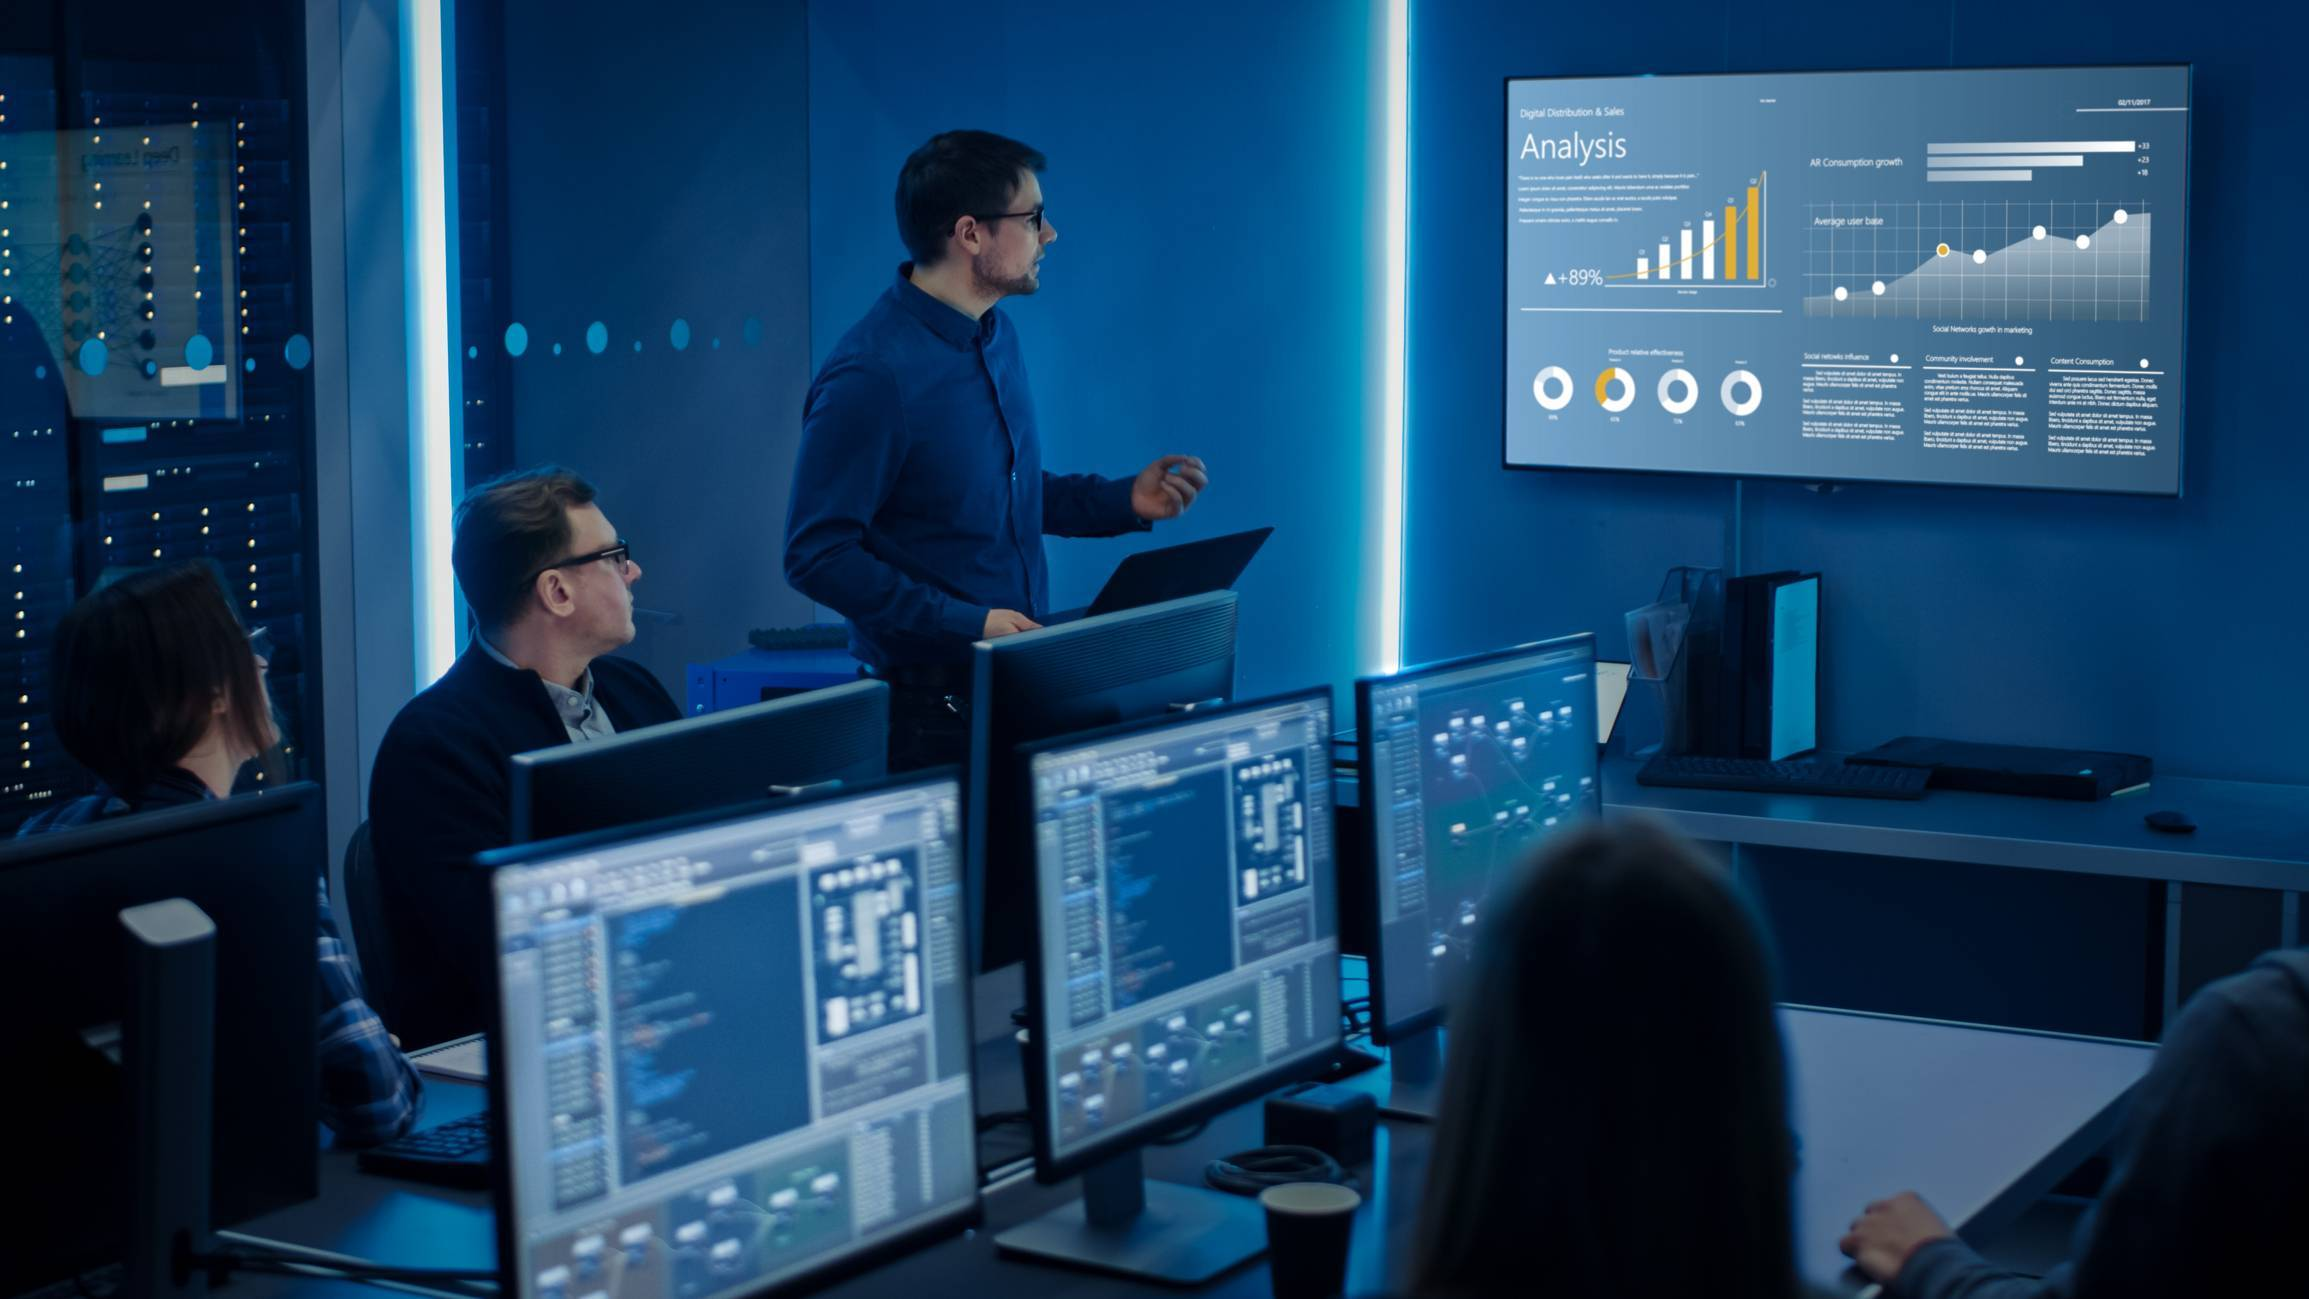 les avantages de l'écran interactif en réunion